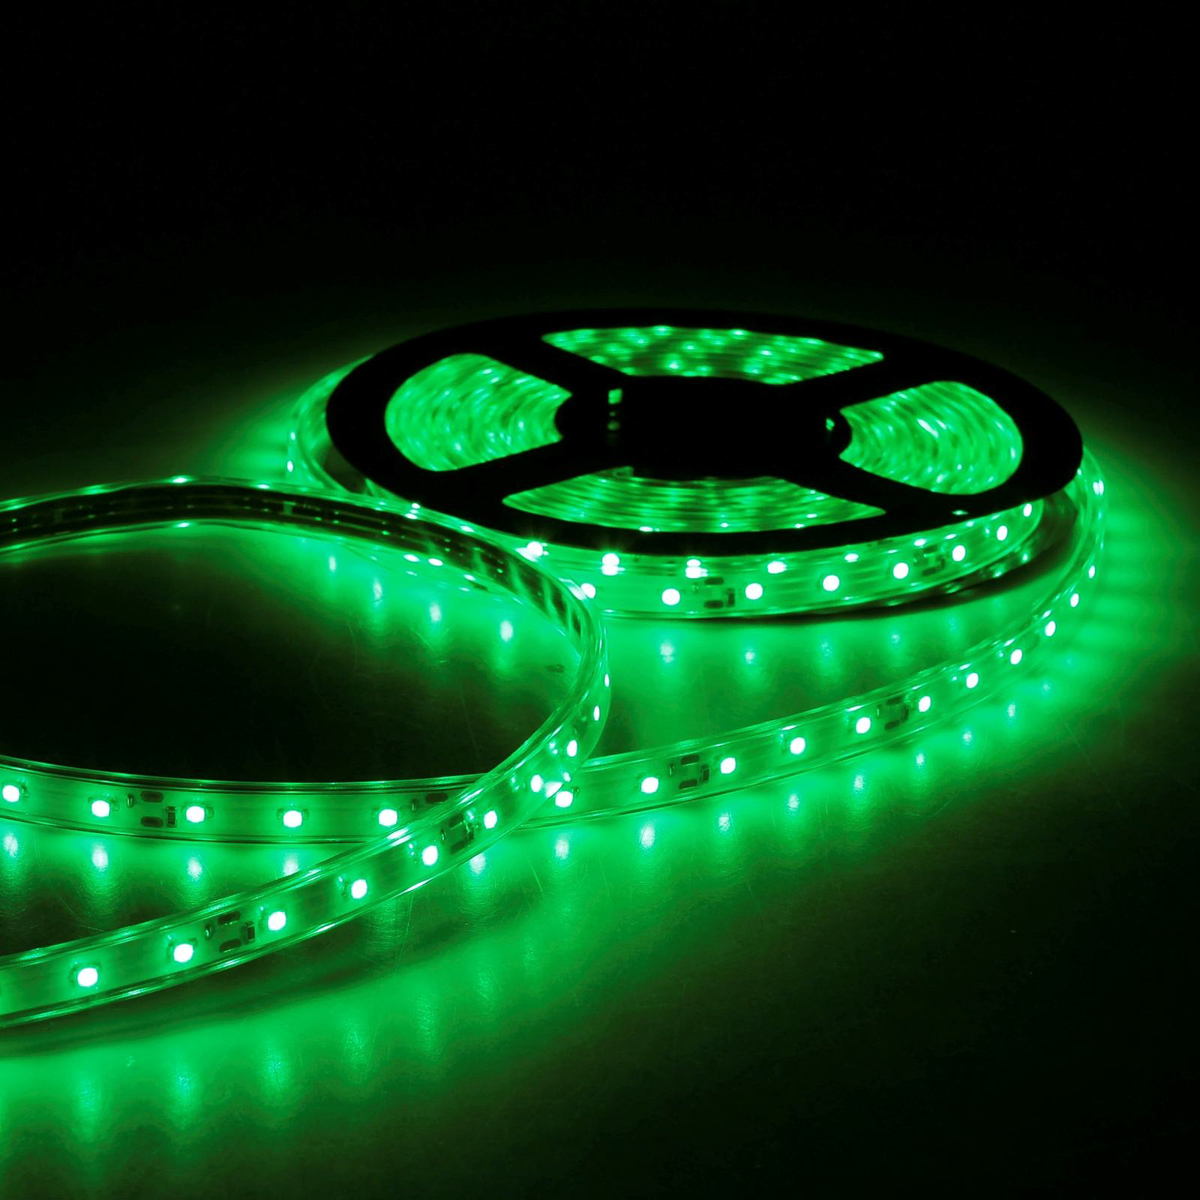 Светодиодная лента Sima-land, 12В, SMD3528, длина 5 м, IP68, 60 LED ламп, 4.8 Вт/м, 6-7 Лм/1 LED, DC, цвет: зеленый848Светодиодные гирлянды, ленты и т.д — это отличный вариант для новогоднего оформления интерьера или фасада. С их помощью помещение любого размера можно превратить в праздничный зал, а внешние элементы зданий, украшенные ими, мгновенно станут напоминать очертания сказочного дворца. Такие украшения создают ауру предвкушения чуда. Деревья, фасады, витрины, окна и арки будто специально созданы, чтобы вы украсили их светящимися нитями.